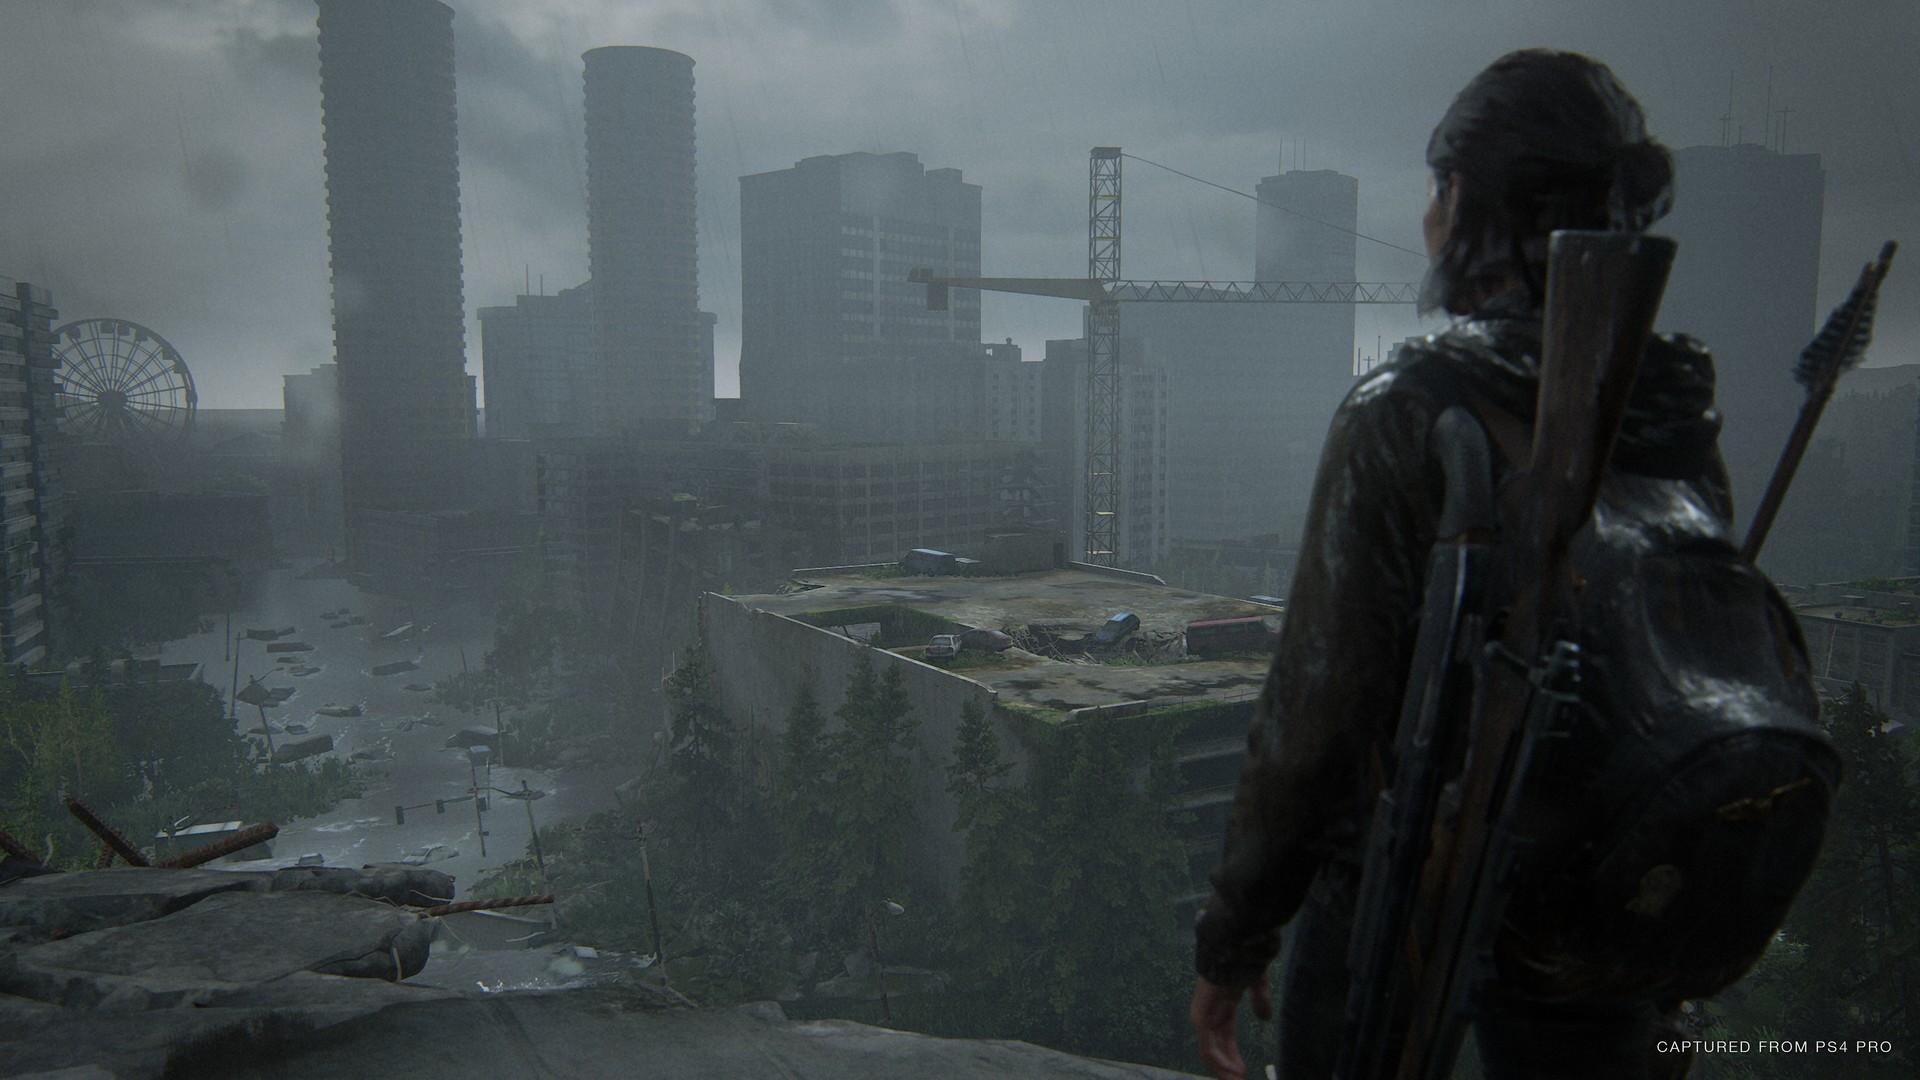 075733895 6c569bc7 bbdd 4220 8ae3 7988c4dc30f7 - Quando un videogioco diventa realtà: The Last of Us Parte II (Prima parte)